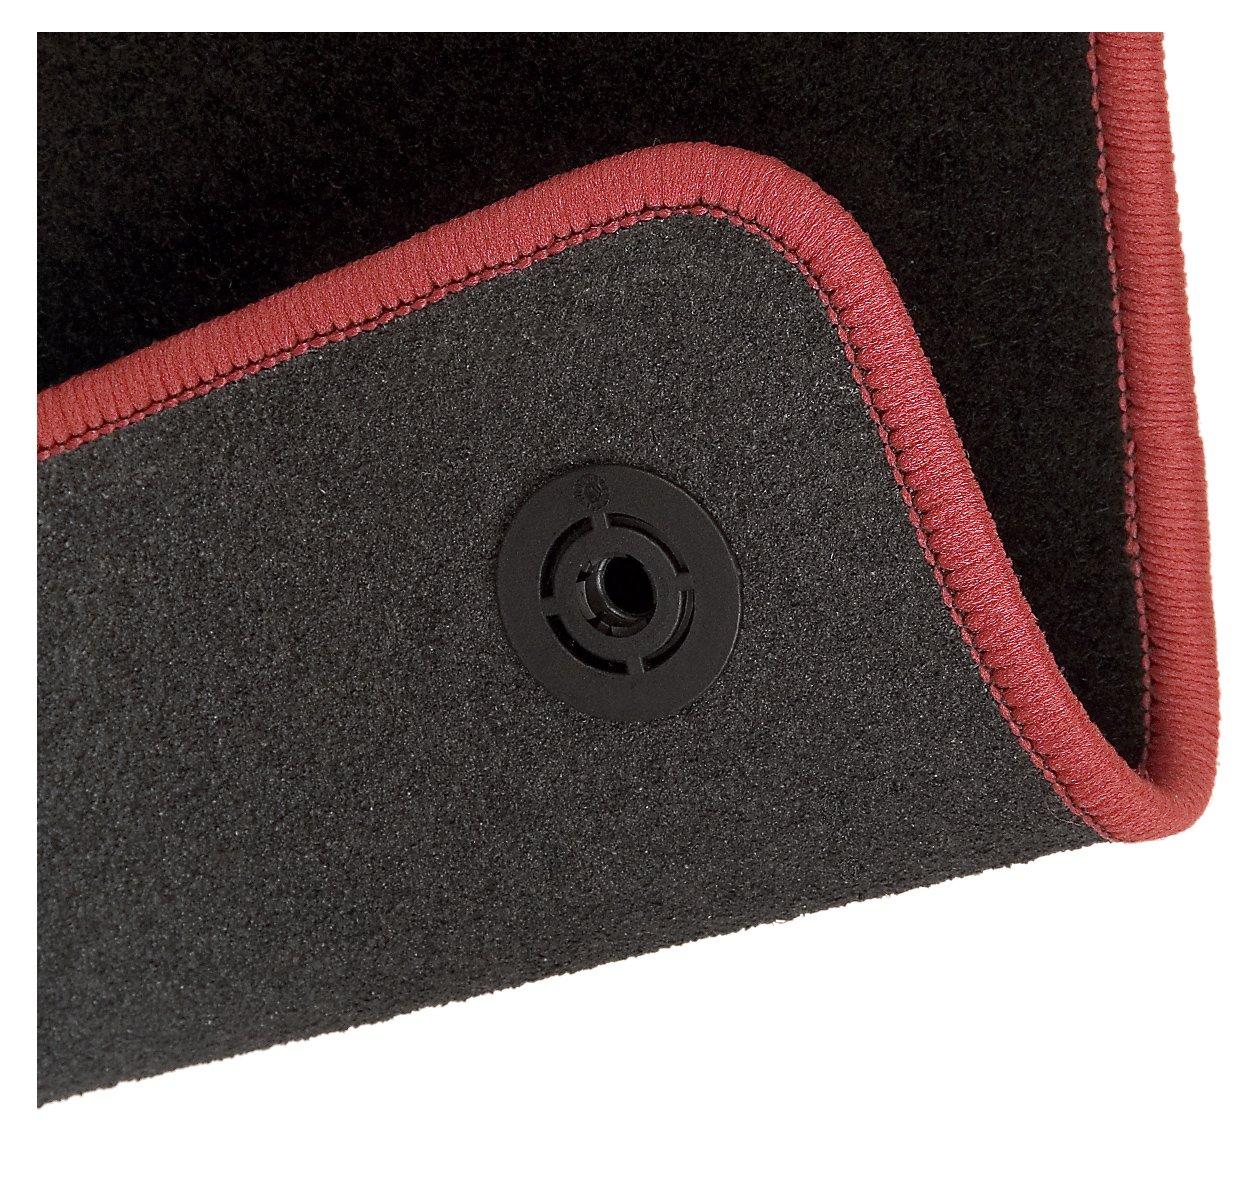 CarFashion 227781 Alfombrillas para Coche Reforzadas Color Negro//Rojo